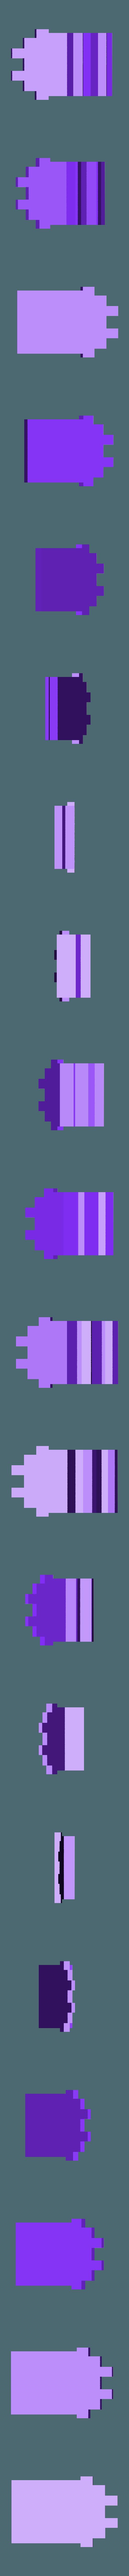 DockChargePhoneAndTabletLightV2.stl Download free STL file Dock Tablet Smartphone • 3D print template, Gauthier